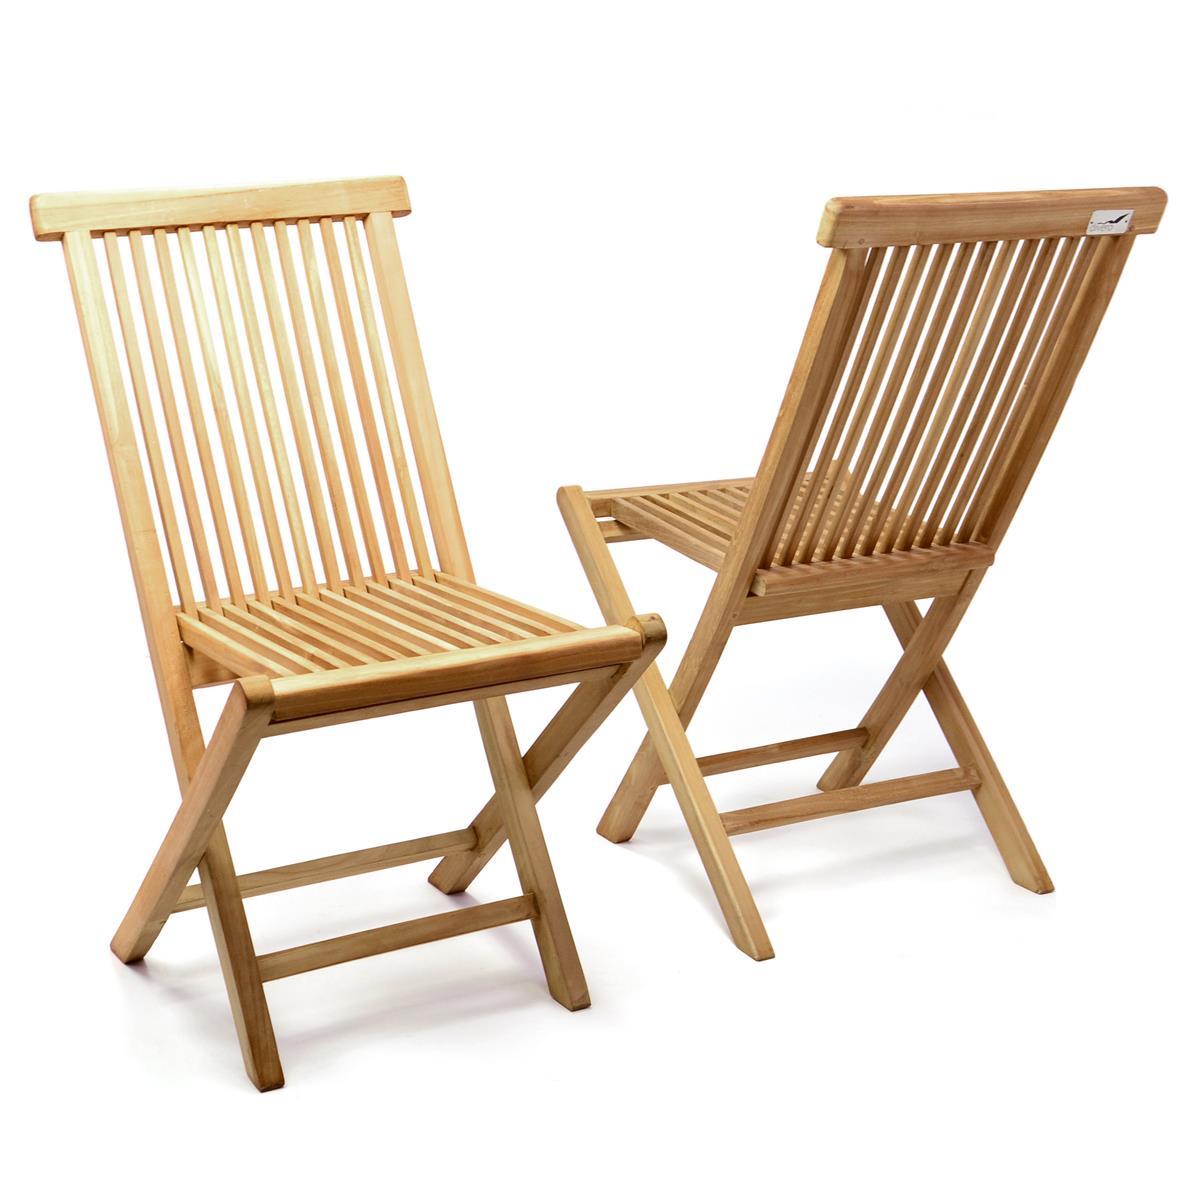 DIVERO 2er Set Gartenstuhl Teak Holz behandelt klappbar Holzstuhl Balkonstuhl